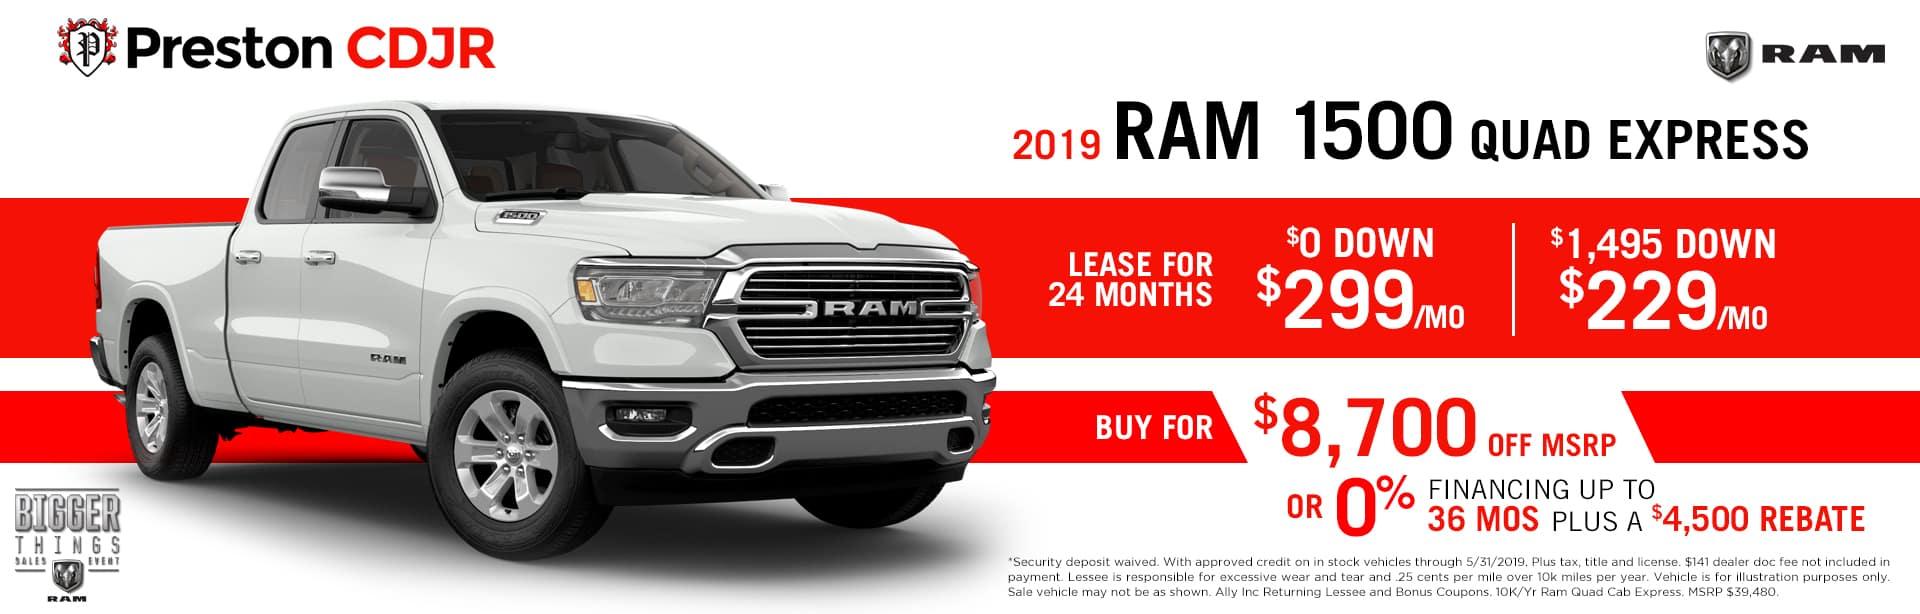 Ram 1500 Quad Express